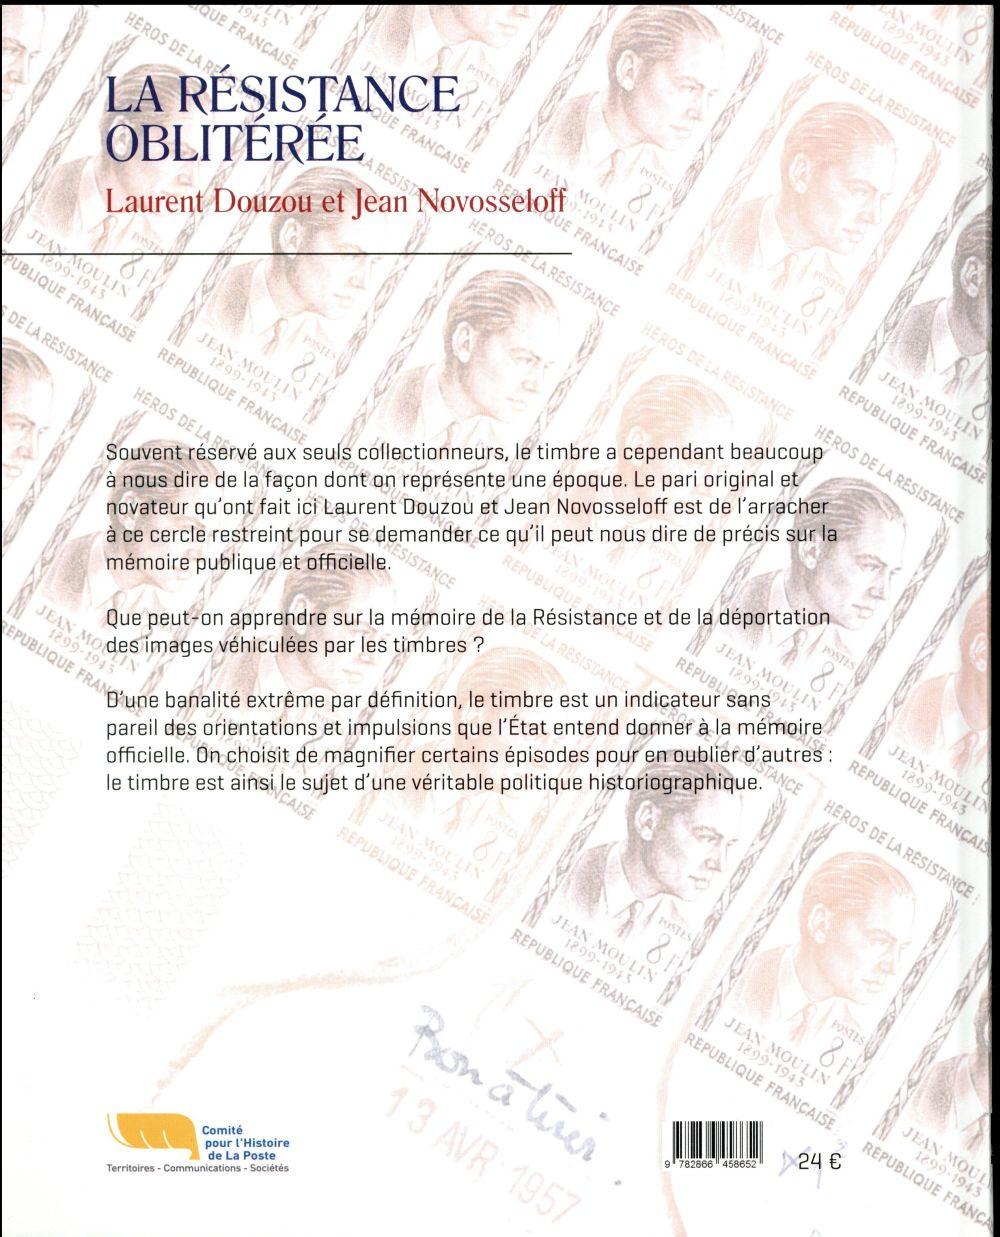 La résistance oblitérée ; sa mémoire gravée par les timbres